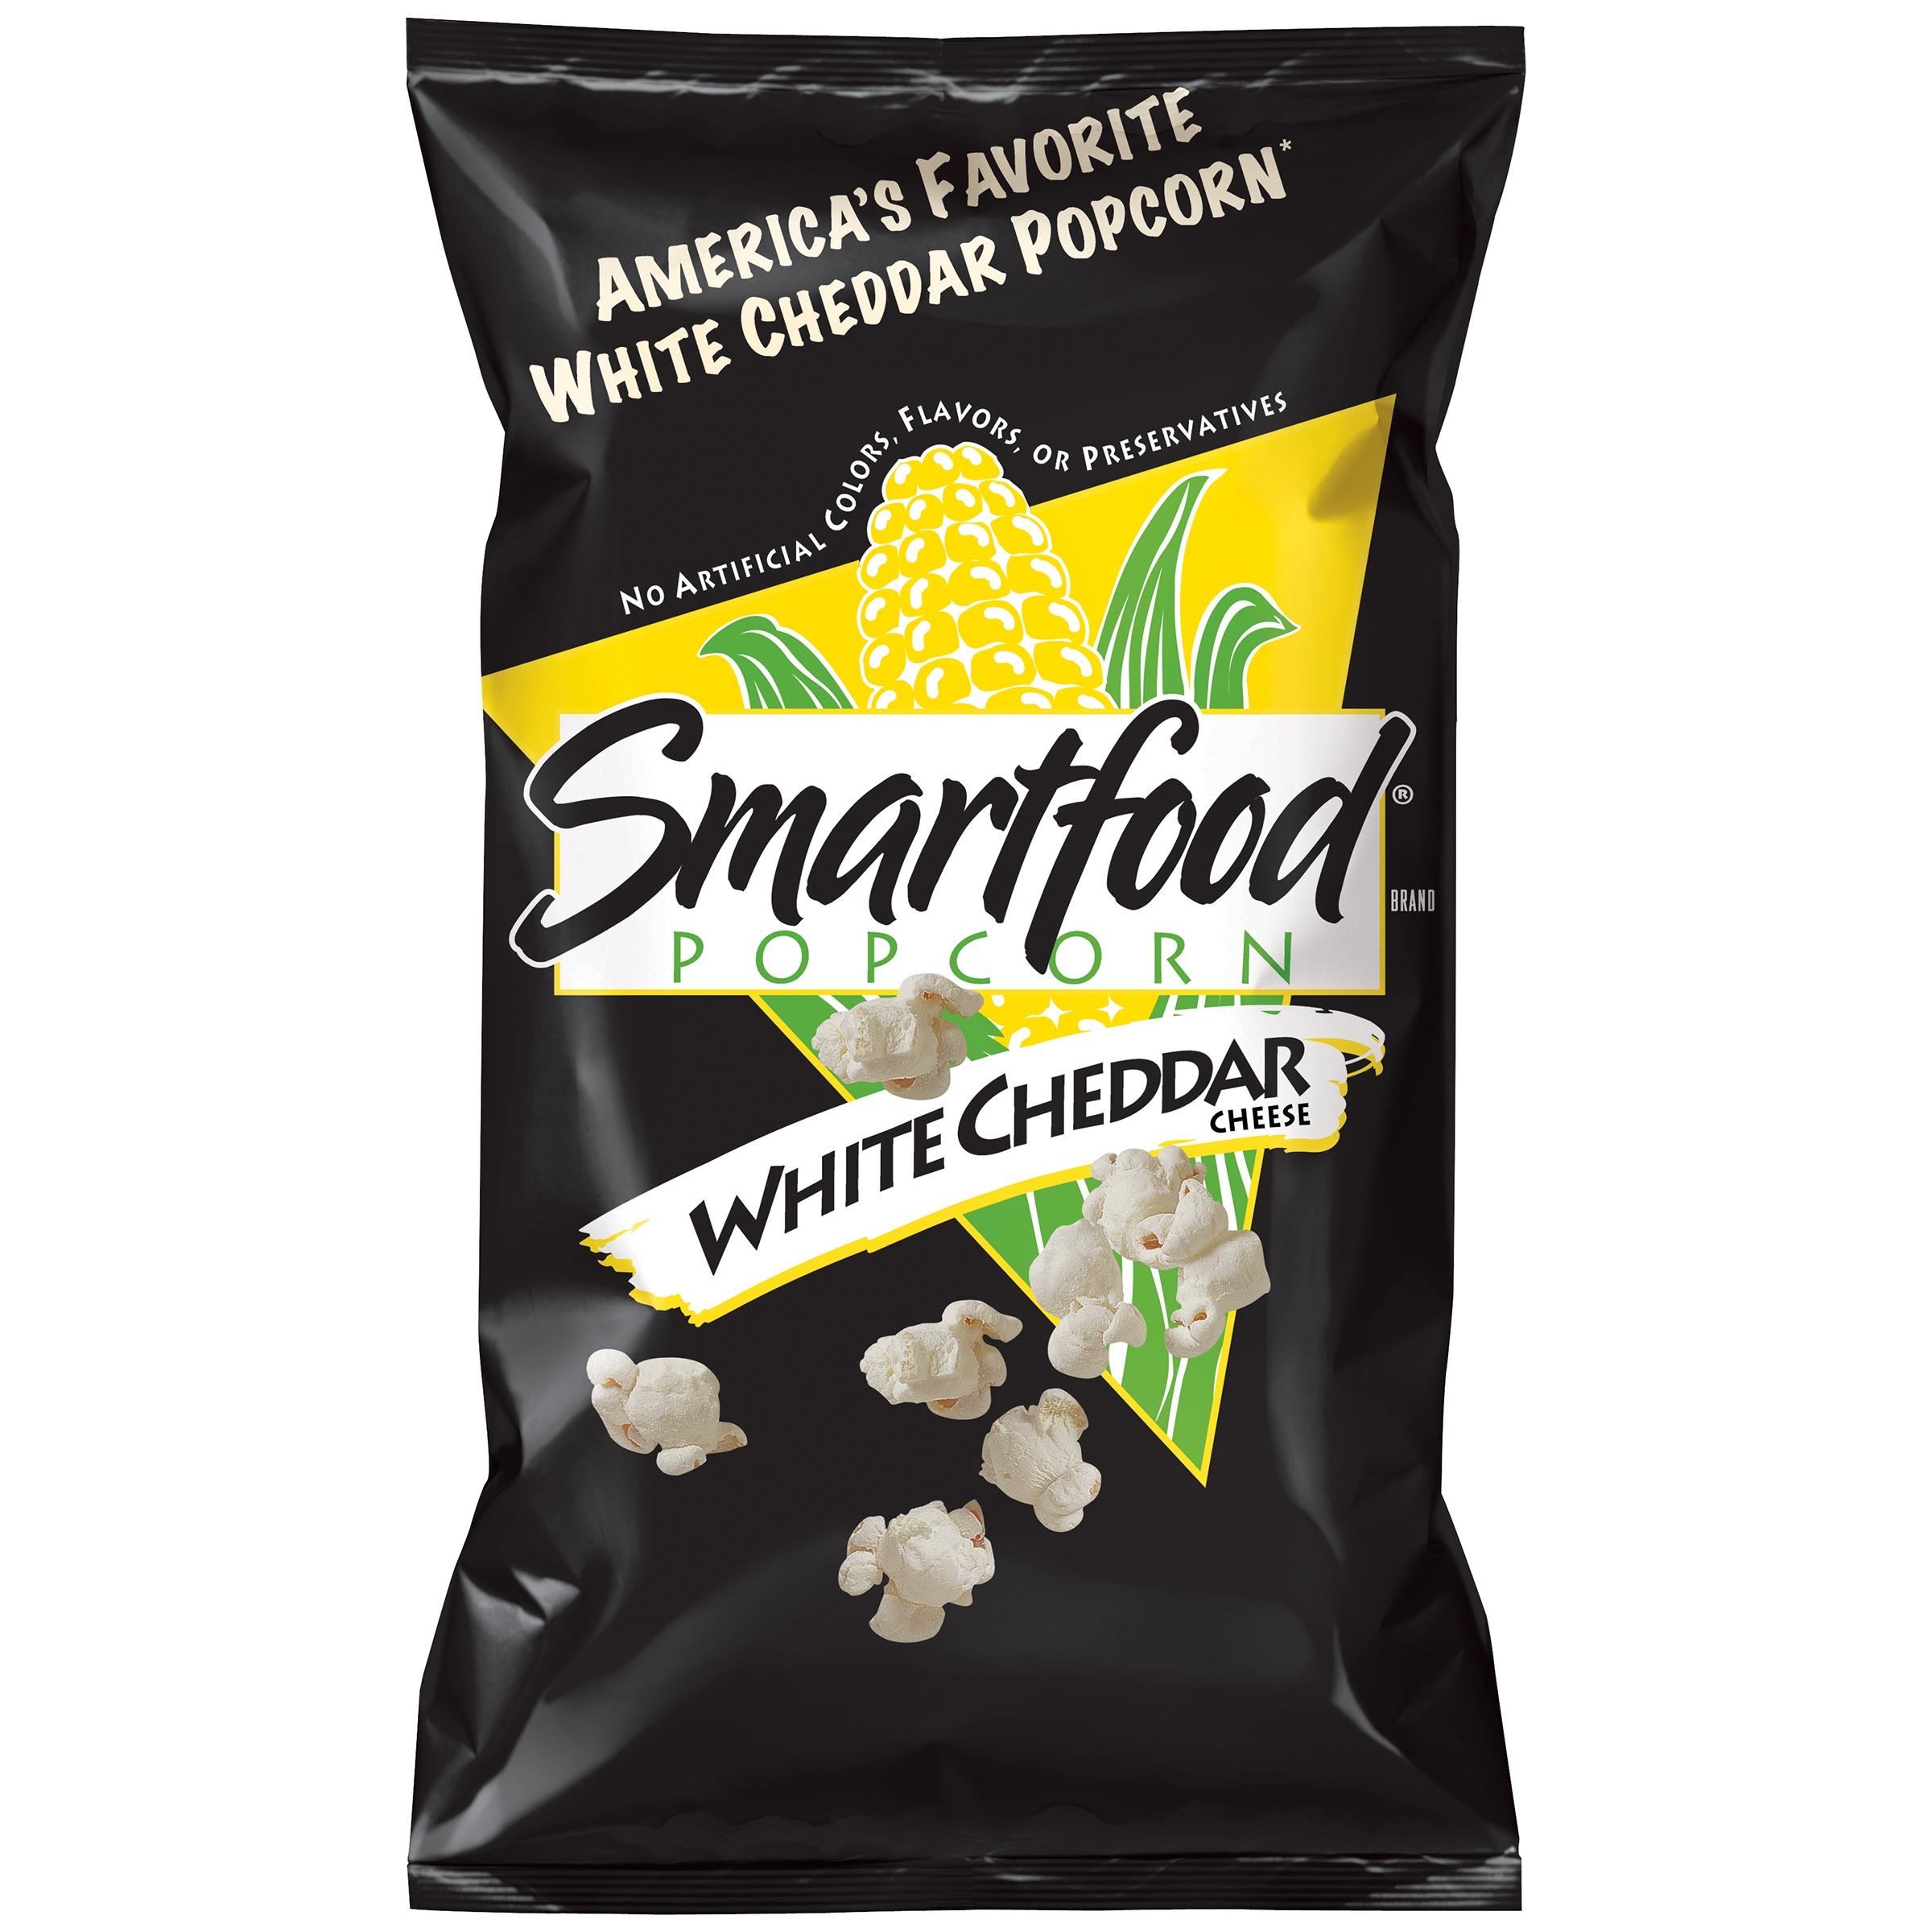 Smartfood® White Cheddar Popcorn 2.37 oz. Bag